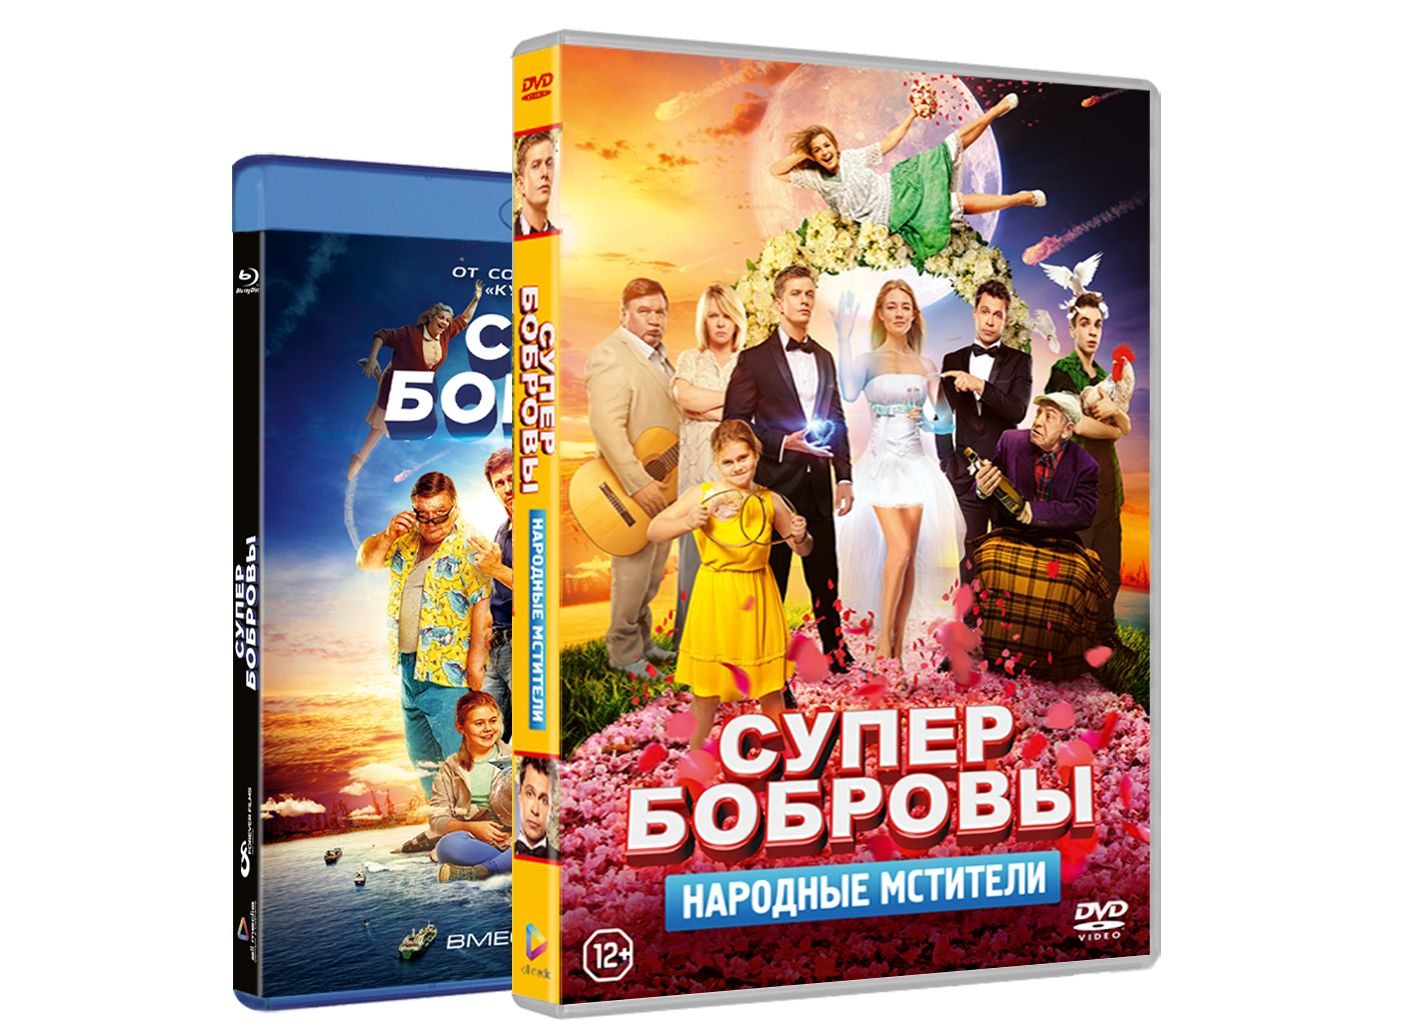 Фото - СуперБобровы: Народные мстители / СуперБобровы (DVD + Blu-ray) dvd blu ray